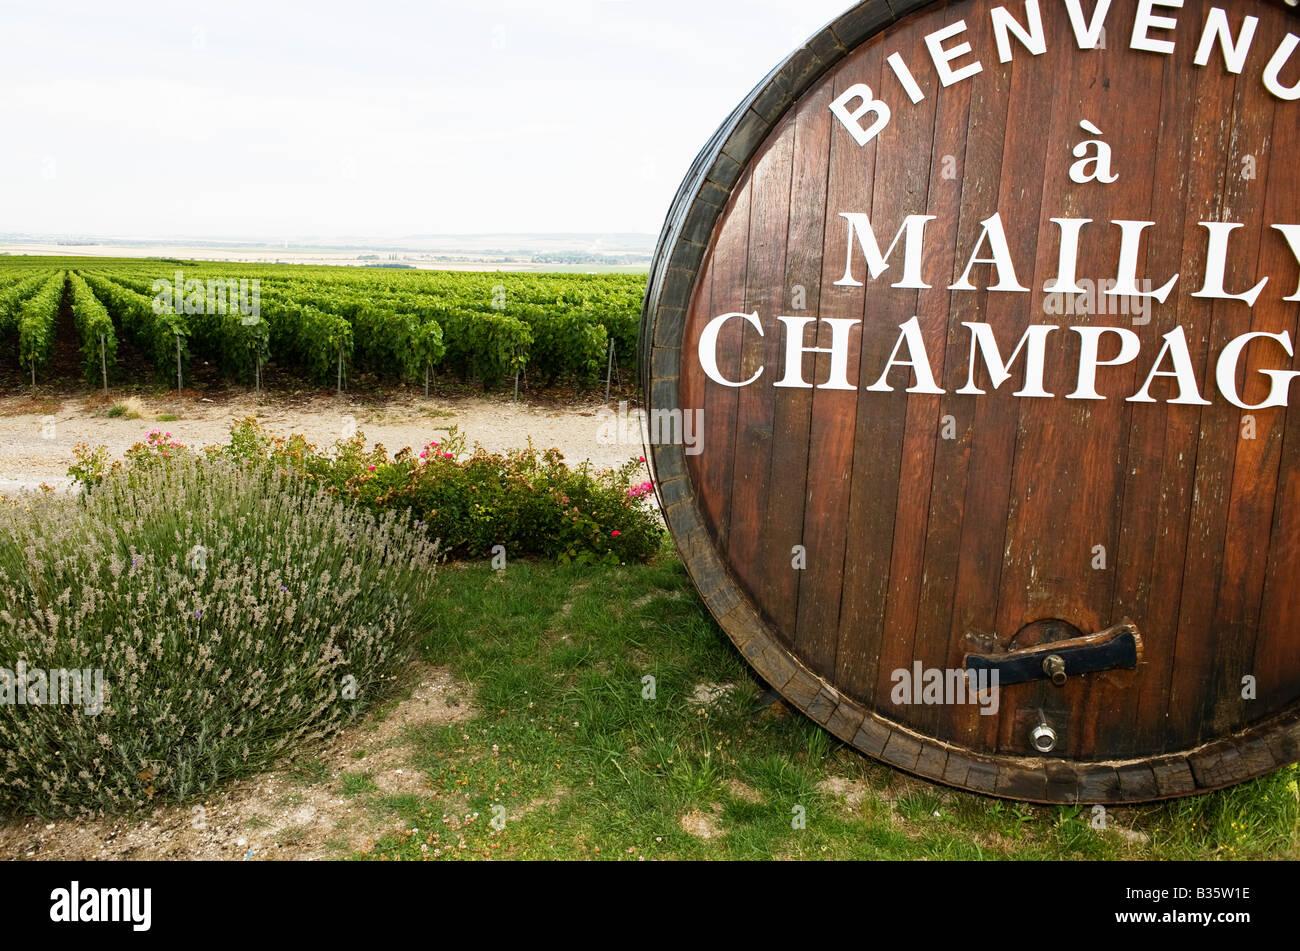 Mailly champagne vigneto Montagne de Reims Francia Immagini Stock